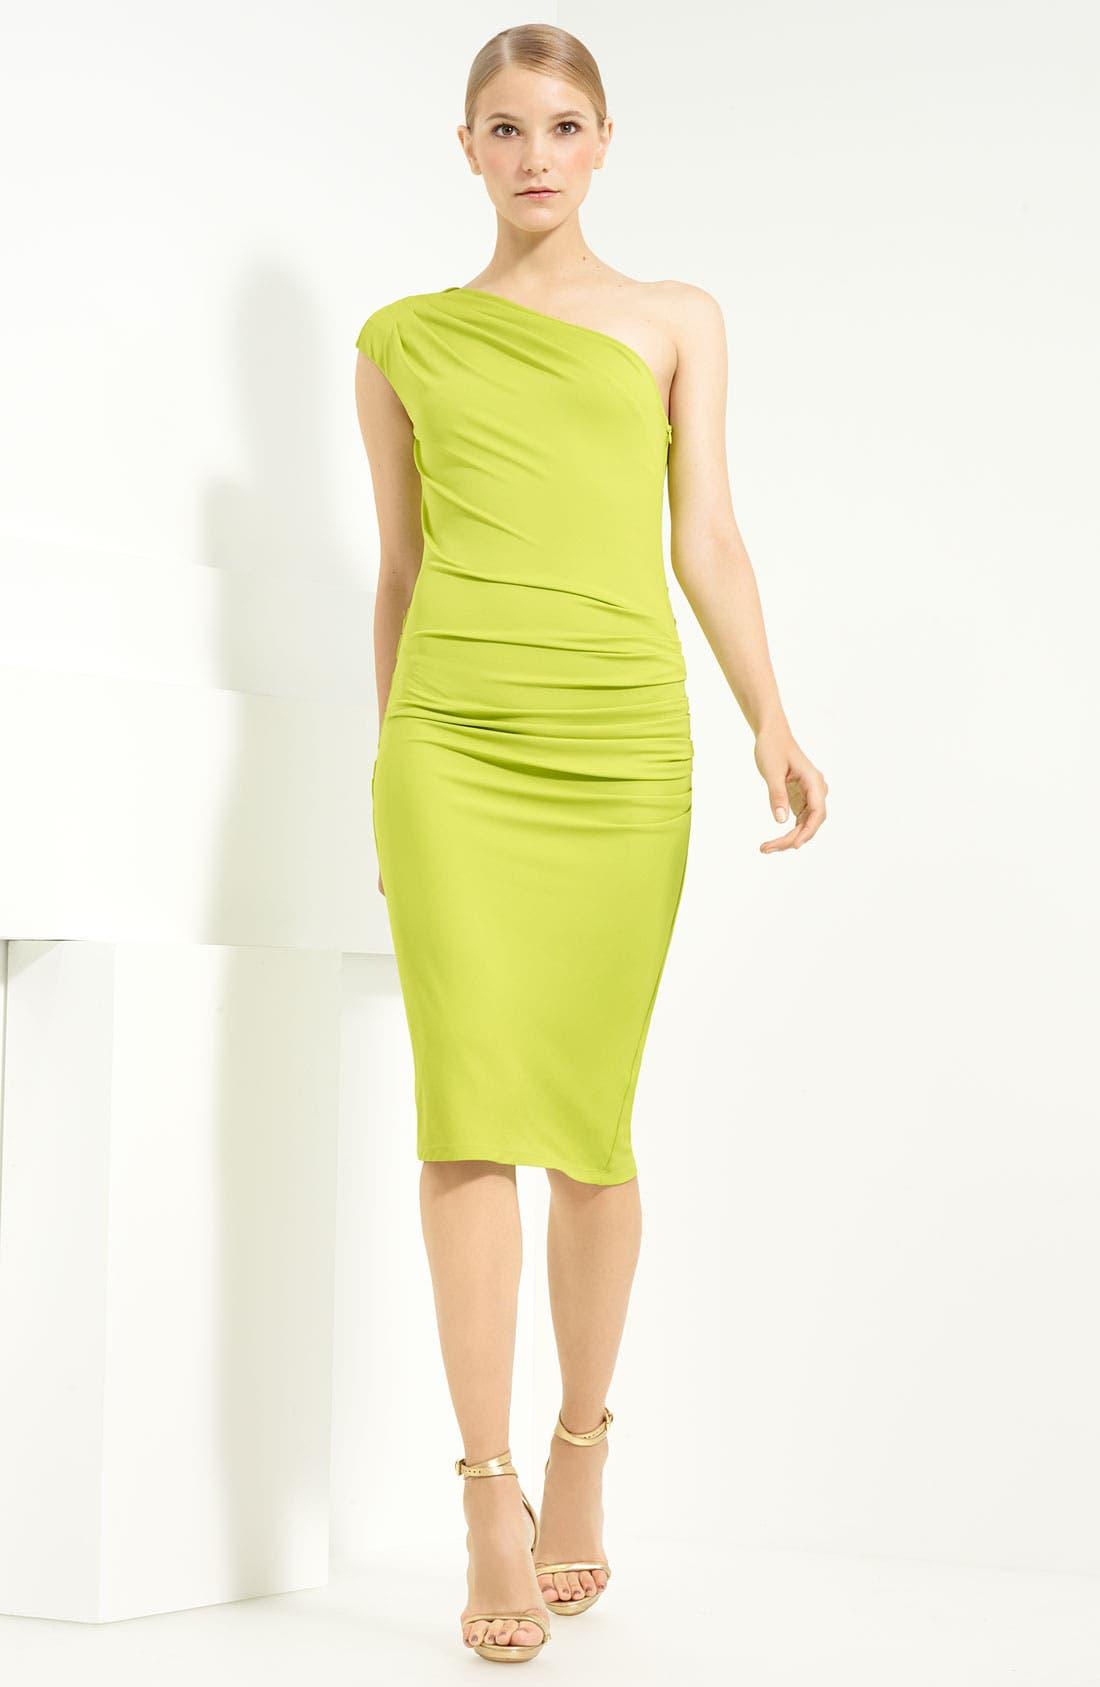 Alternate Image 1 Selected - Michael Kors One Shoulder Jersey Dress